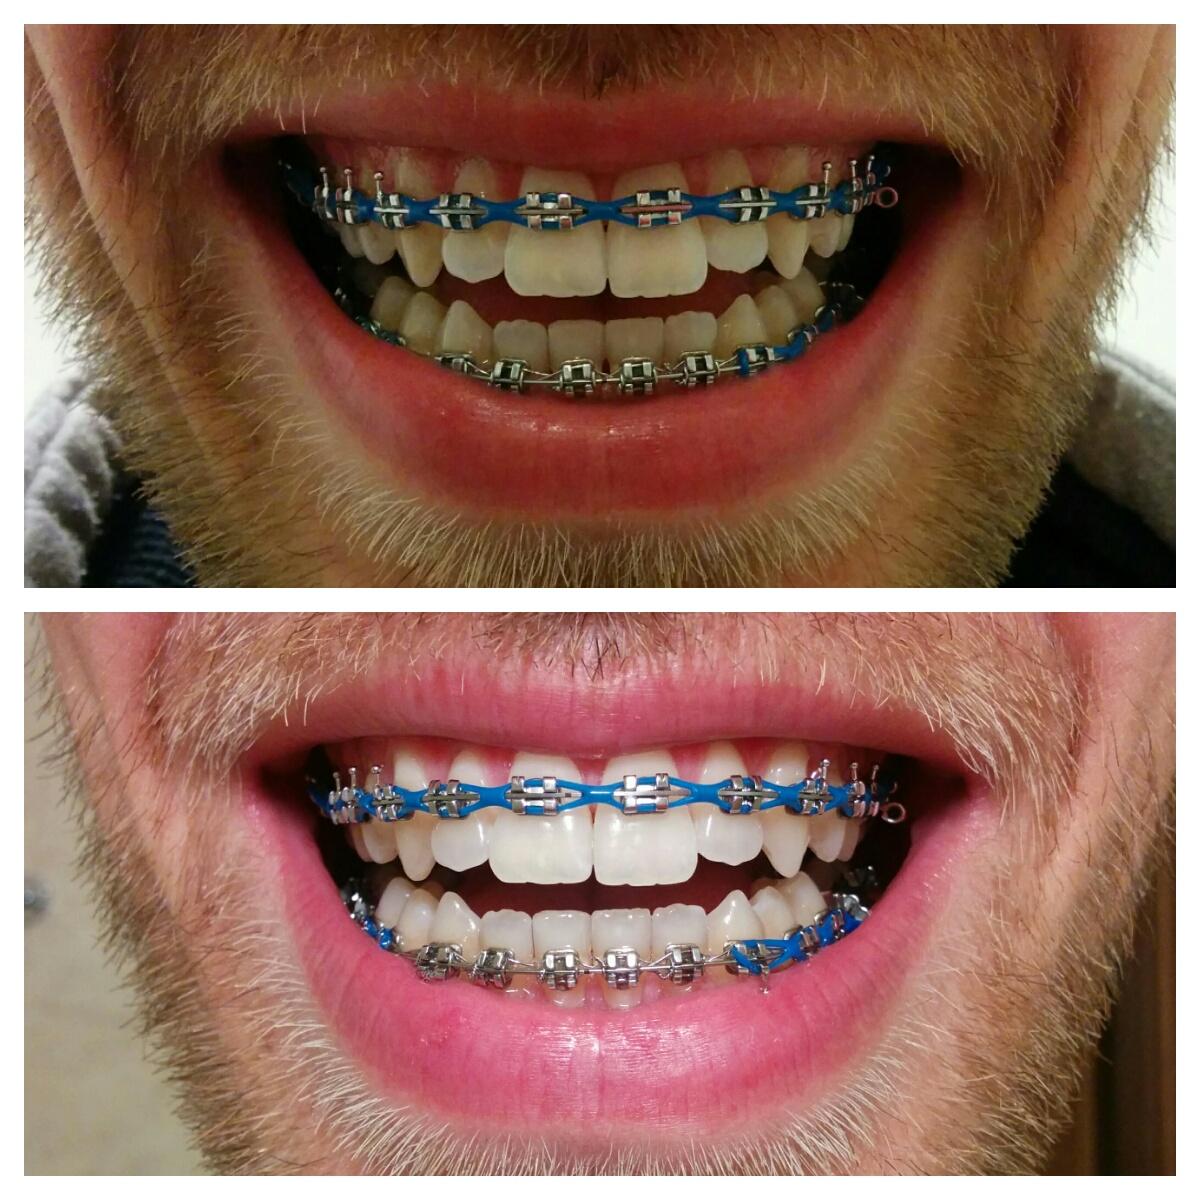 łańcuszek ortodontyczny przed i po wizycie zadrutowani